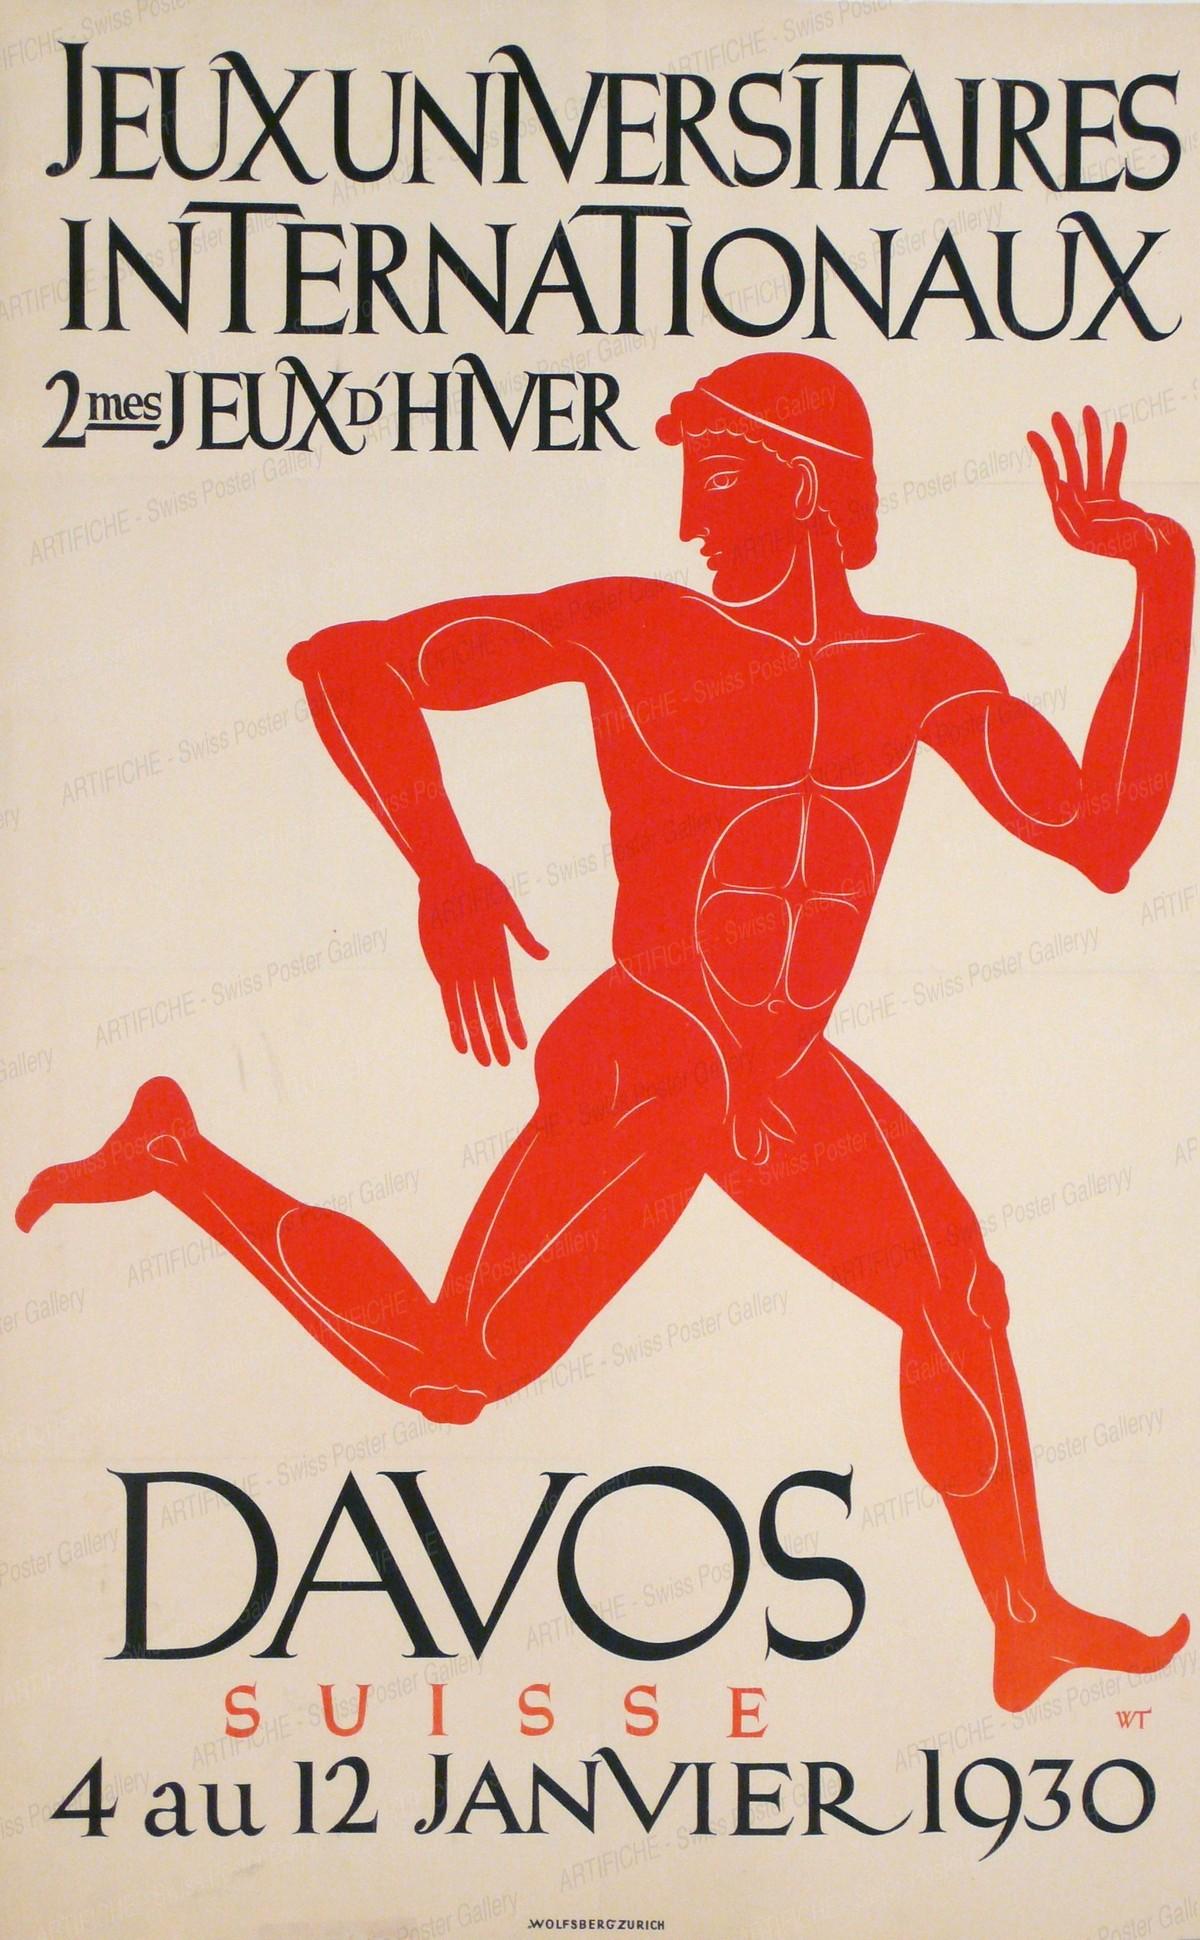 DAVOS SUISSE 4 au 12 Janvier 1930 – Jeux Universitaires Internationaux – 2mes Jeux d'Hiver, Willy Trapp